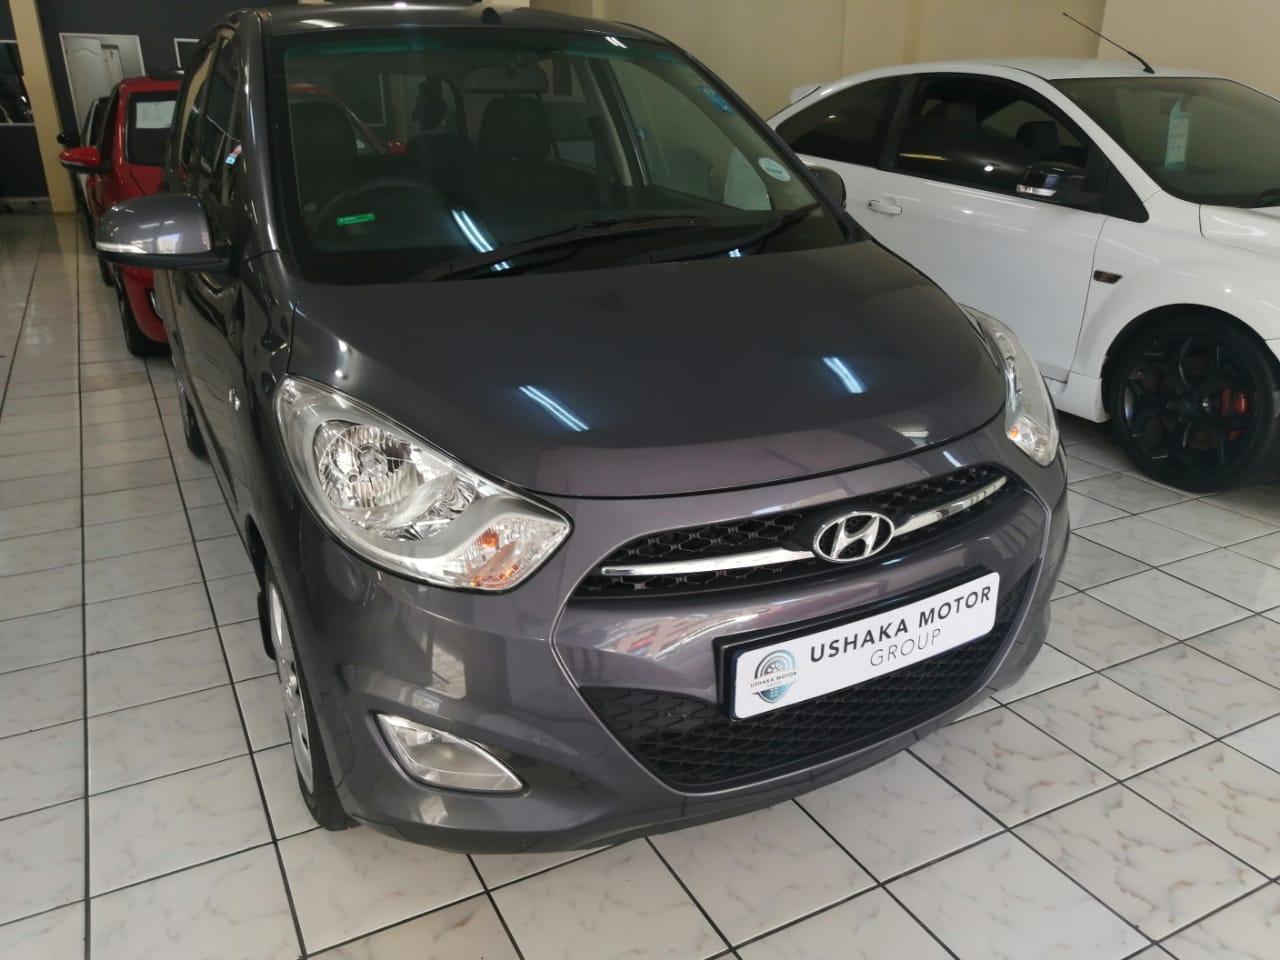 2015 Hyundai i10 1.1 Motion